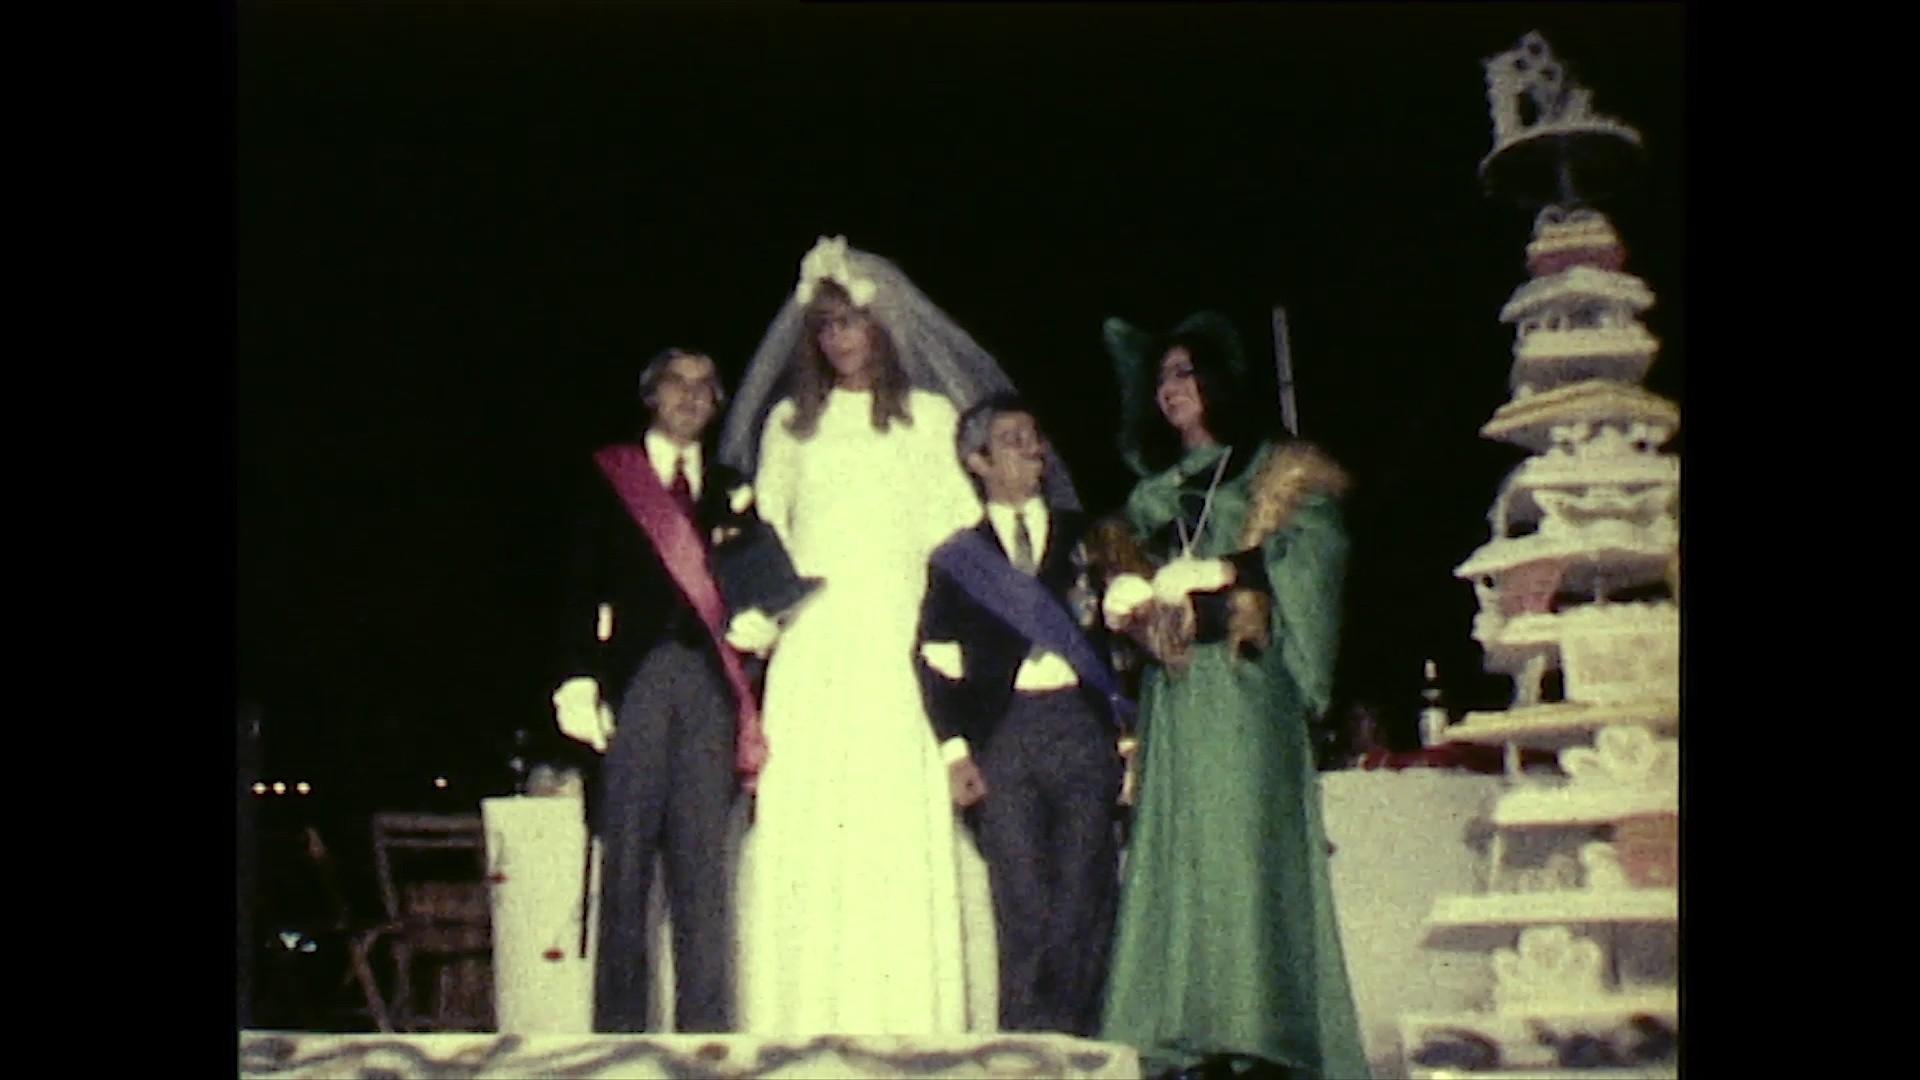 Boda del Siglo (1972)